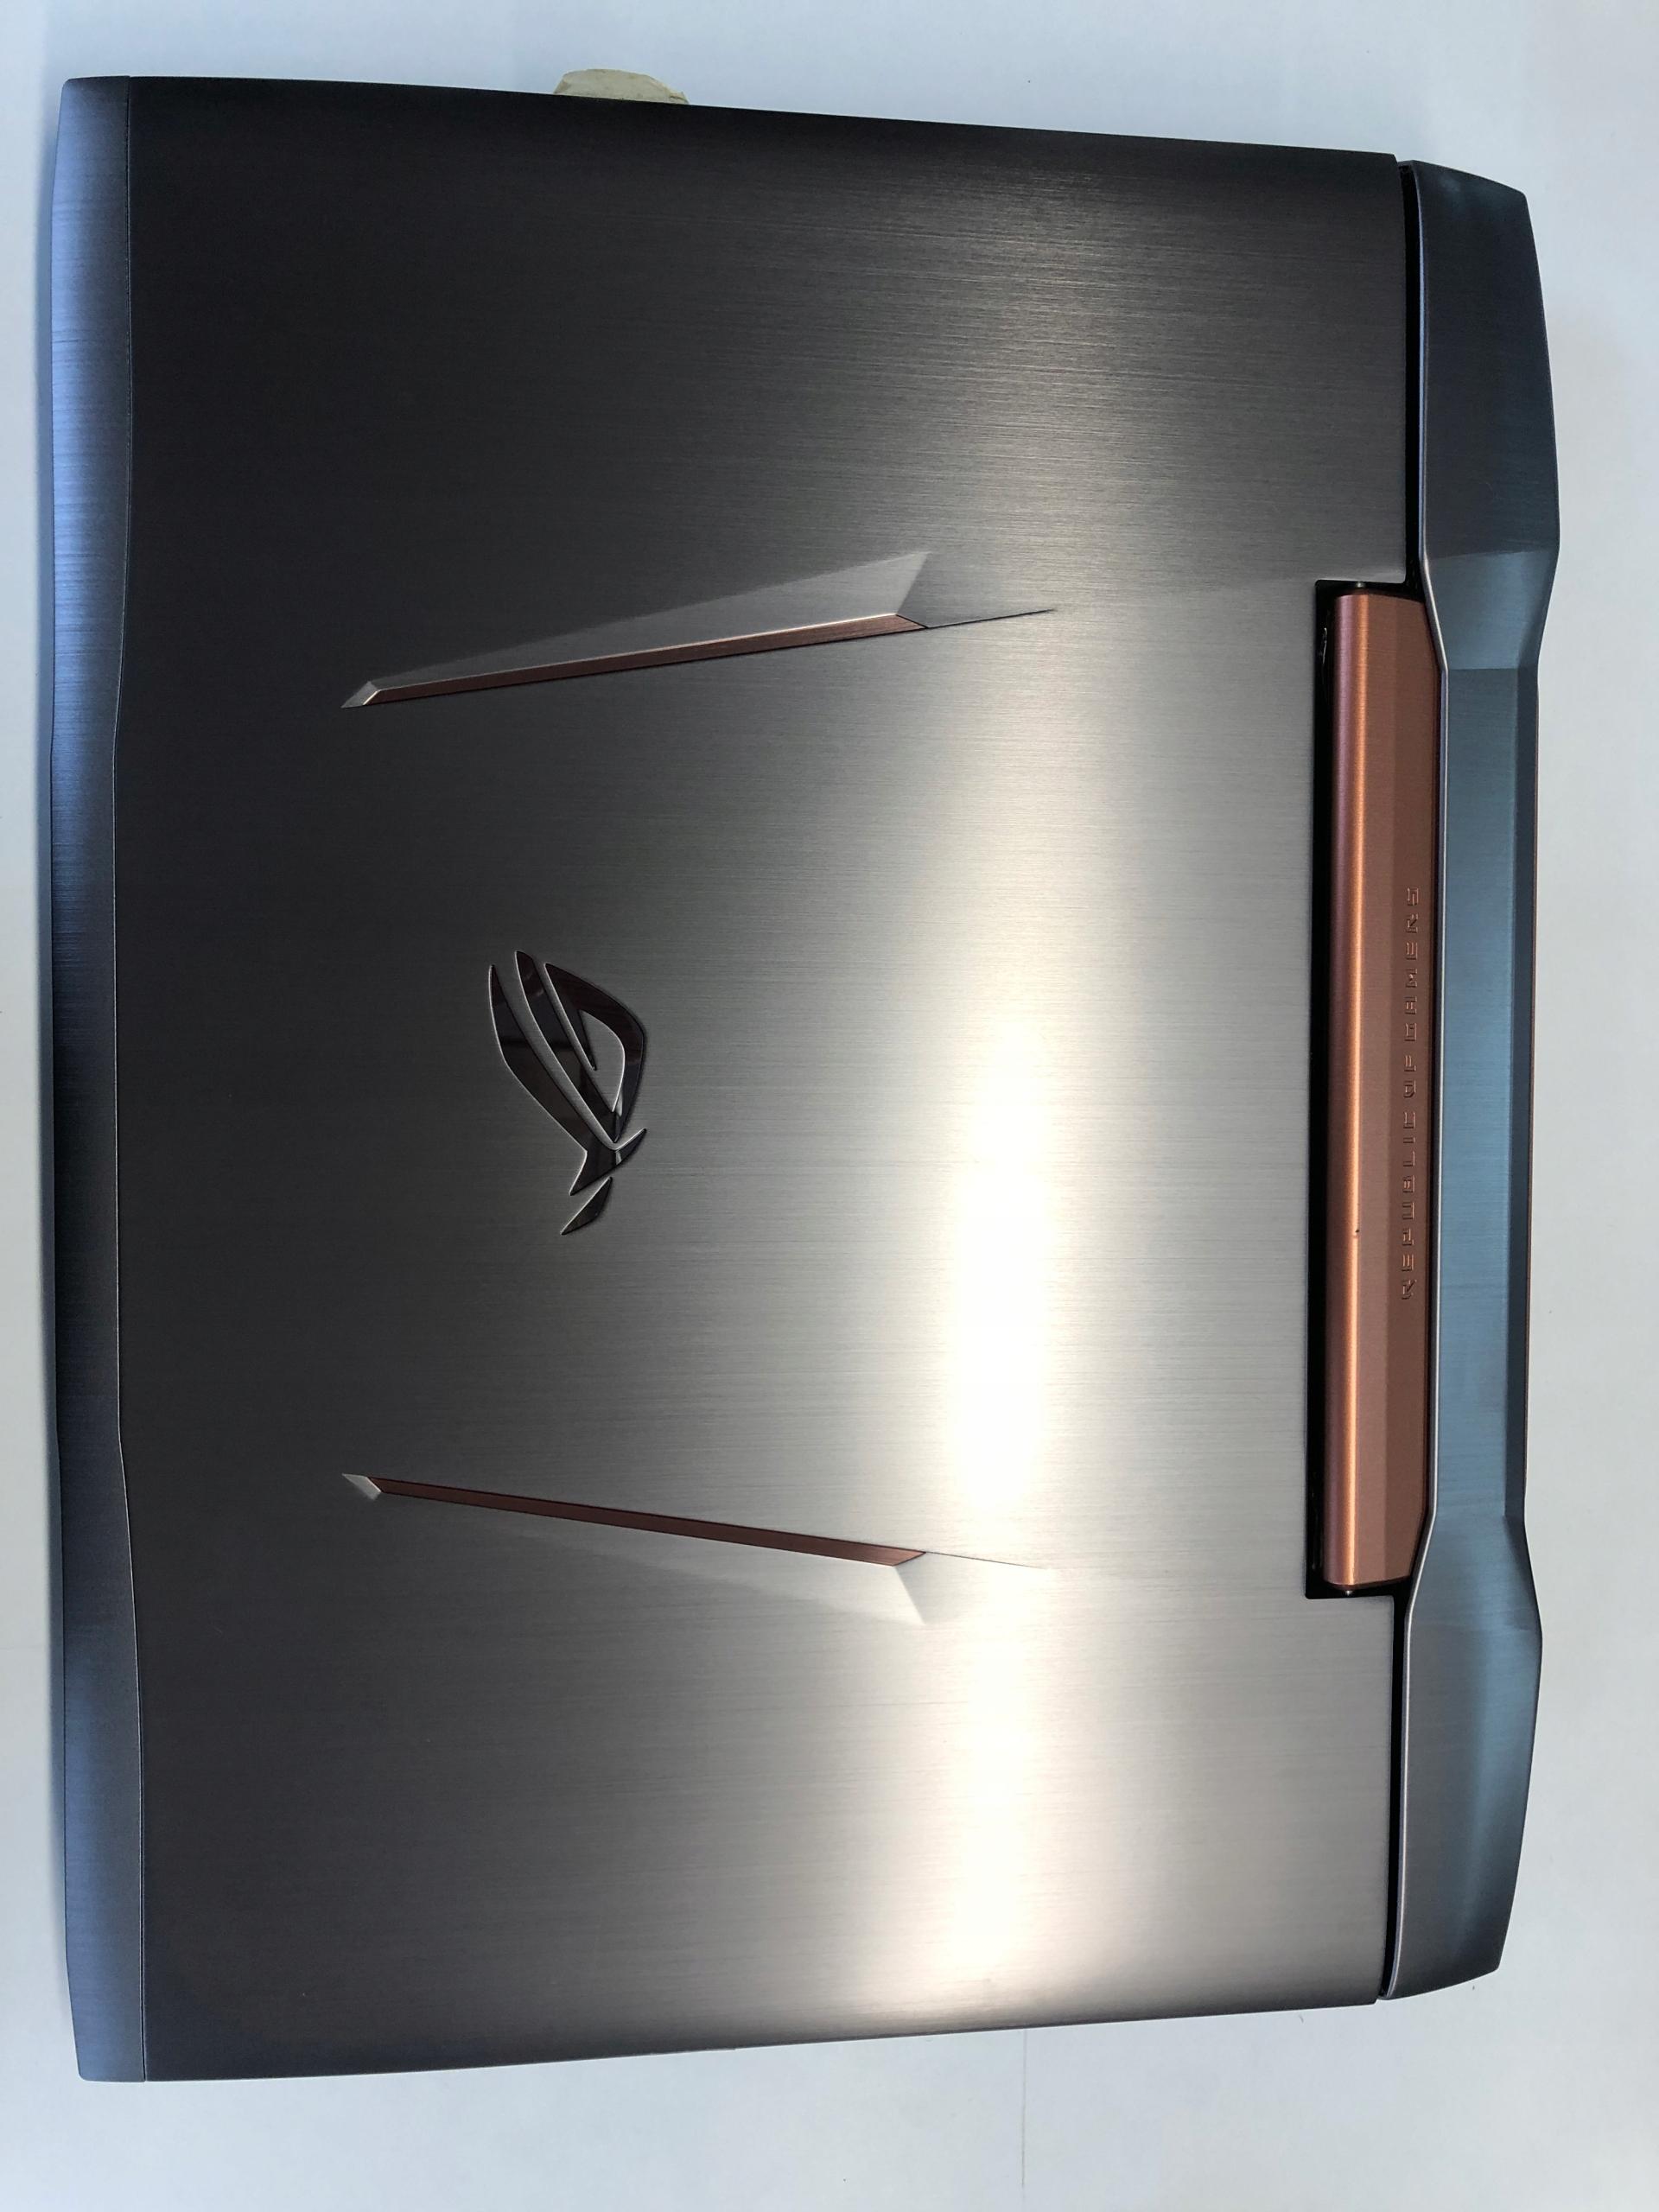 Asus G752VS i7-6700HQ 16GB 256SSD GTX1070 17,3 FHD